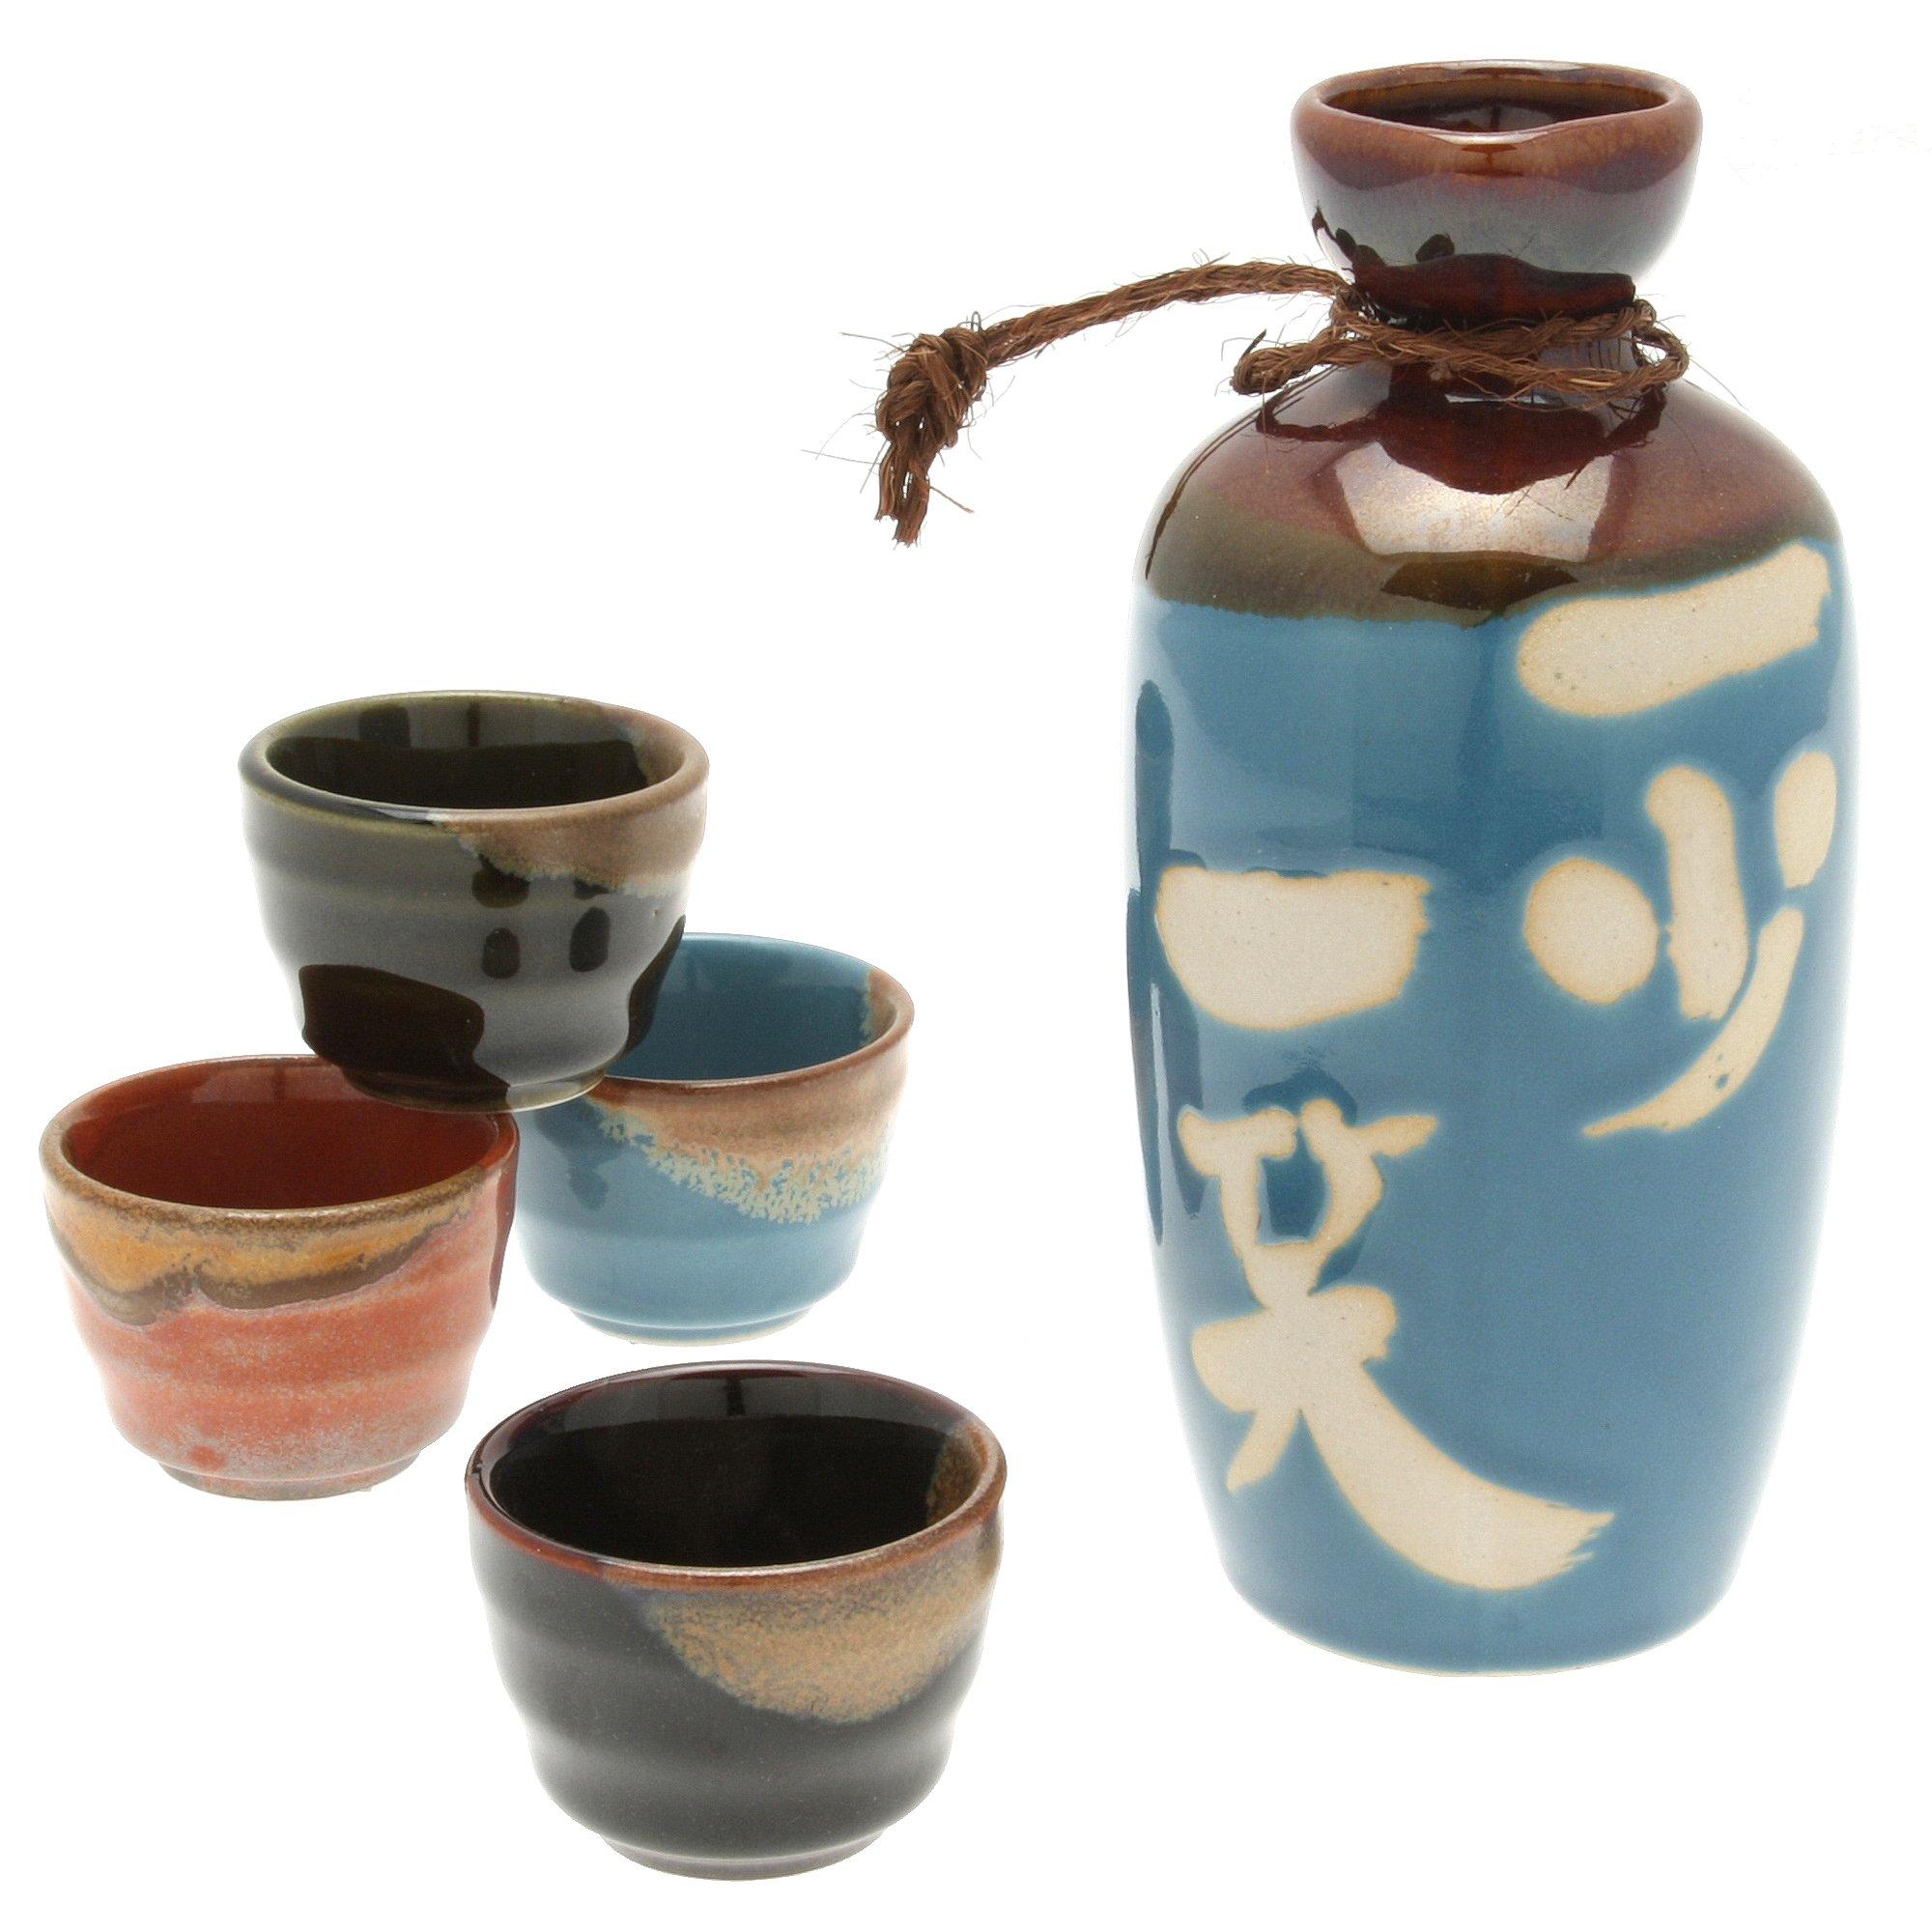 Kotobuki Issho Japanese Calligraphy Sake Set, ''Laugh to Stay Young'', Turquoise